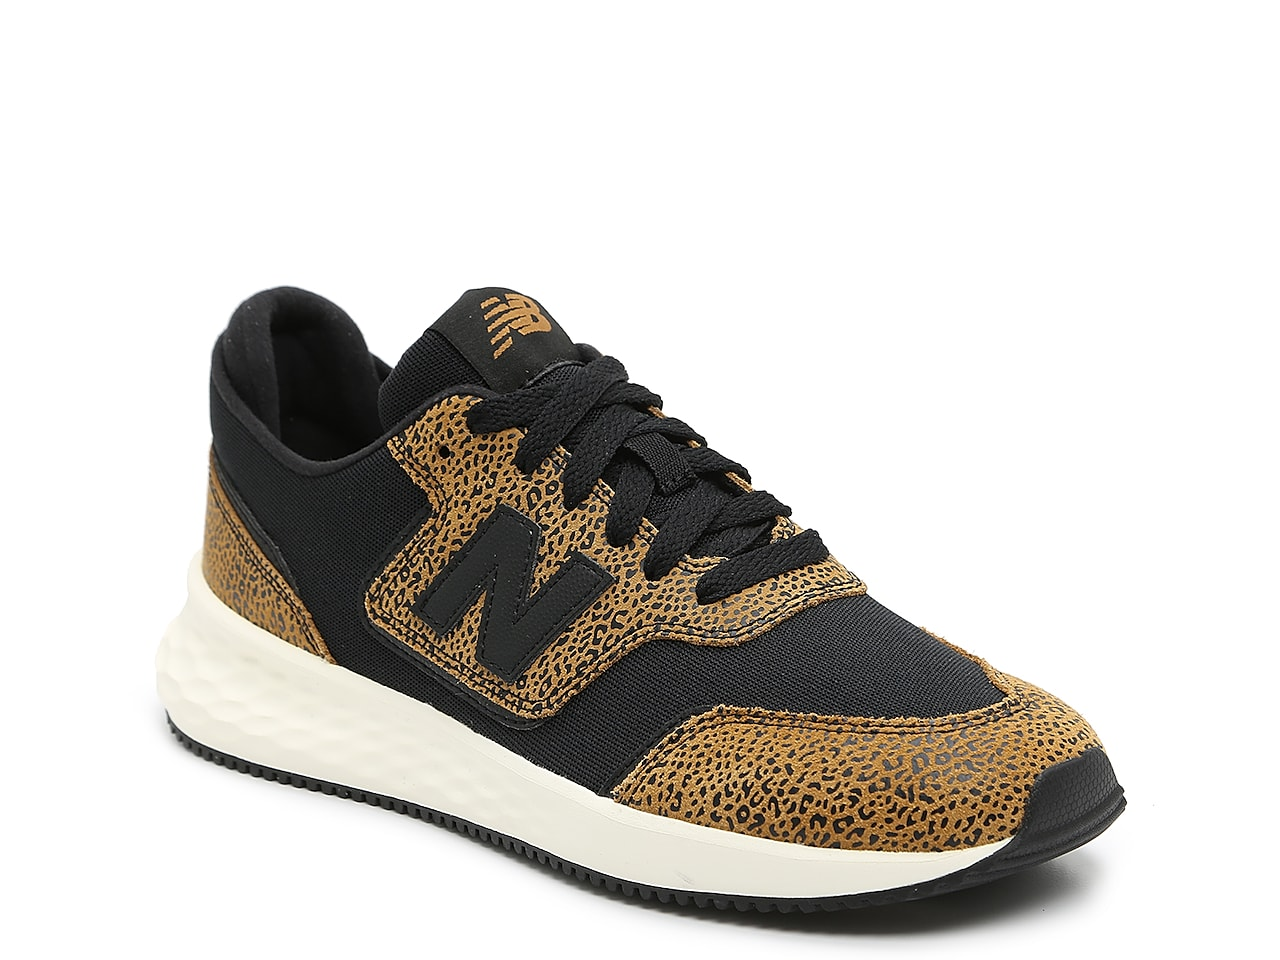 New Balance Fresh Foam X70 Sneaker - Women's